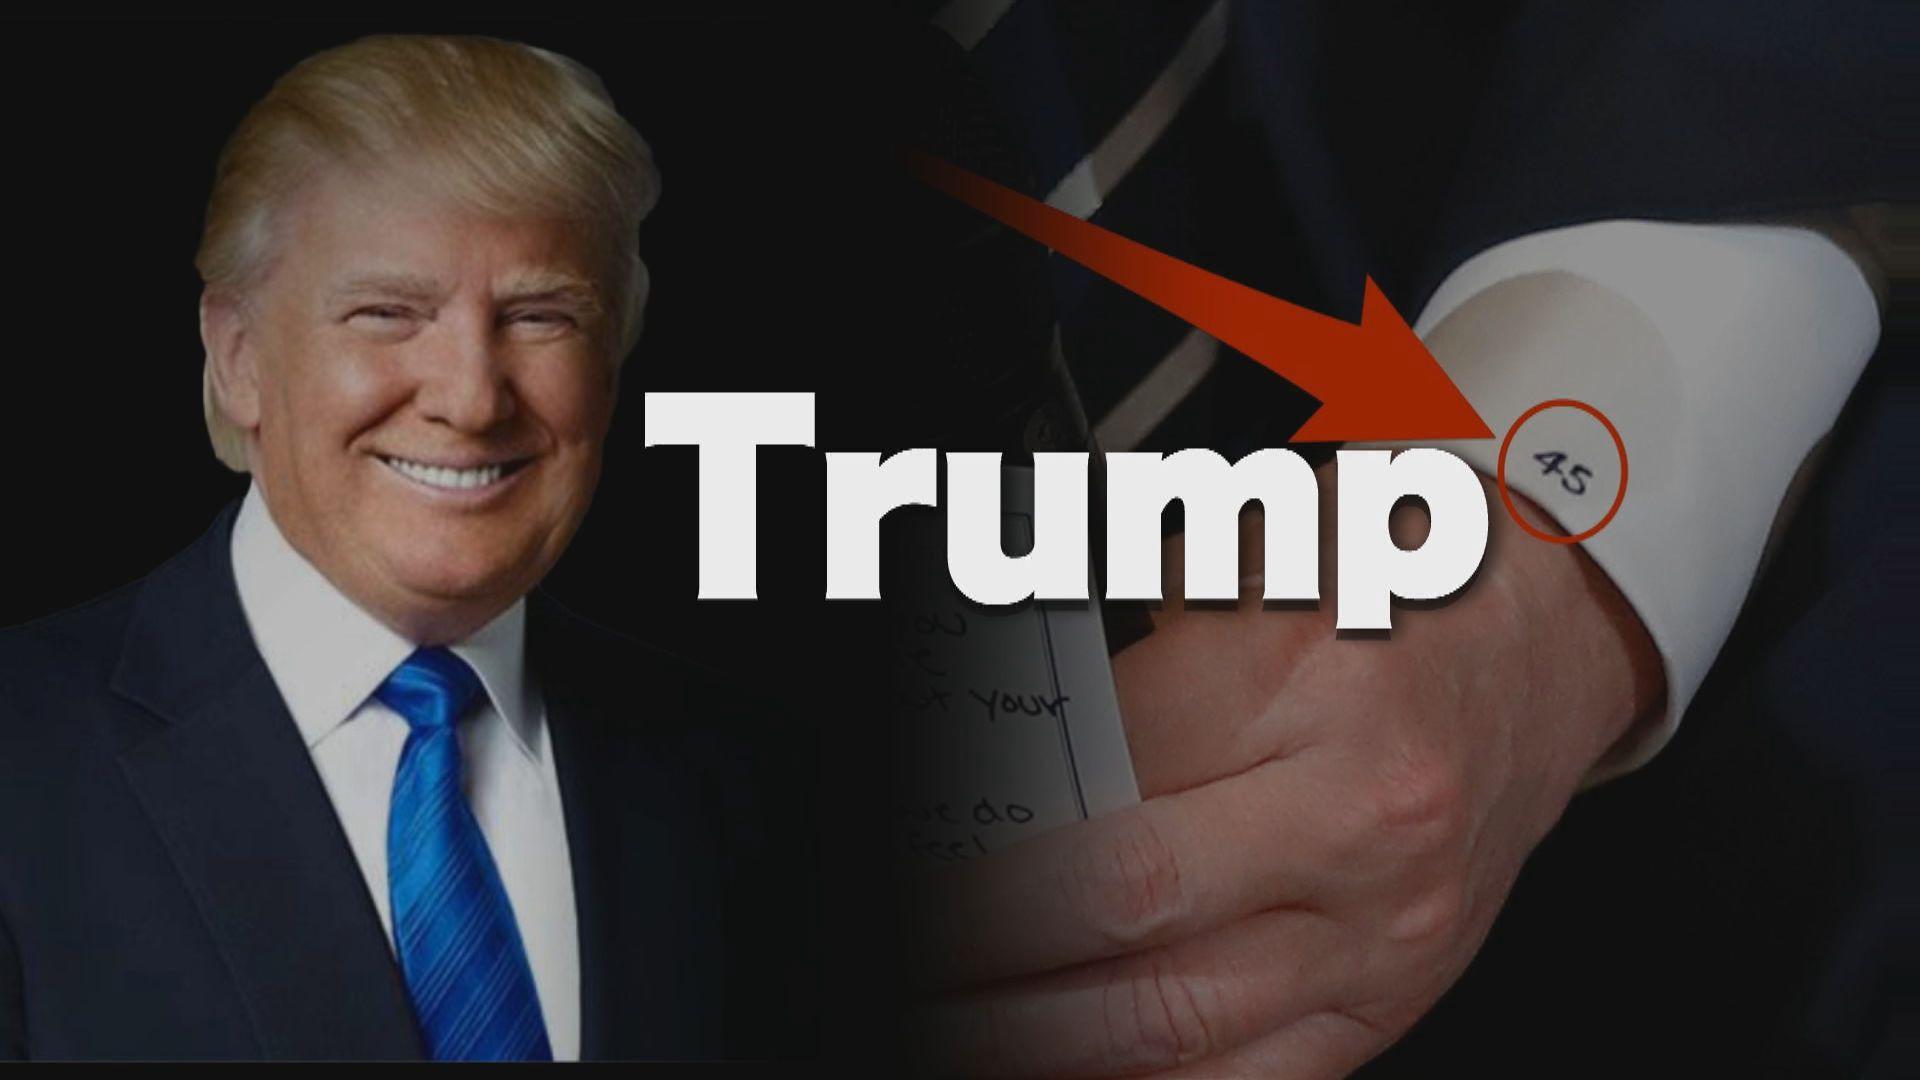 【新聞智庫】特朗普以數字45代表自己原因何在?